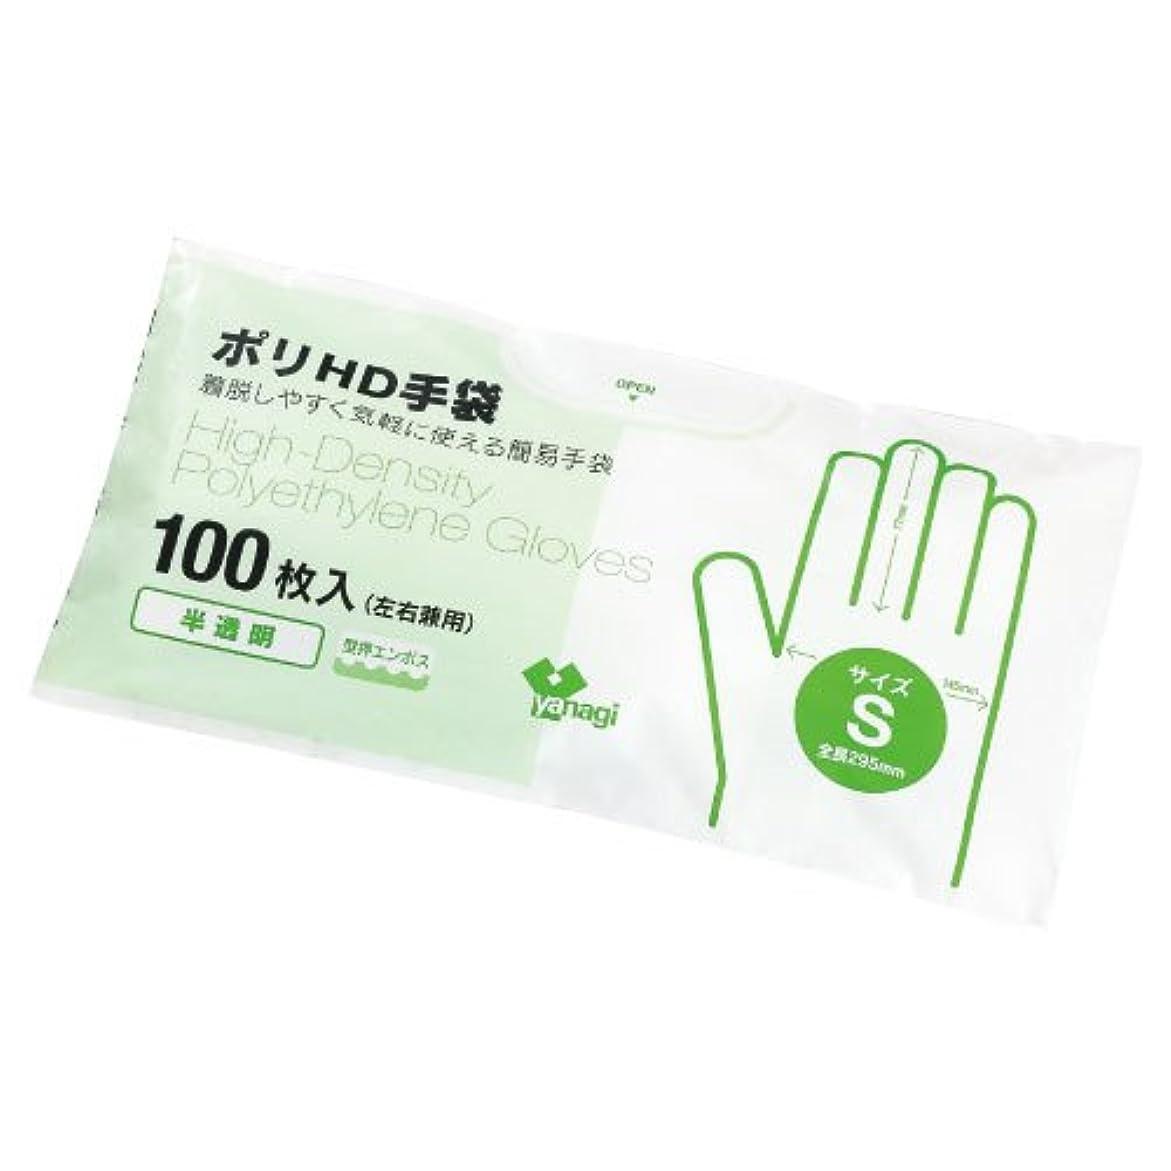 鎮痛剤反逆者起きているポリHD手袋(半透明)型押エンボス TB-203(M)100???? ???HD???????????????(24-2575-01)【やなぎプロダクツ】[120袋単位]